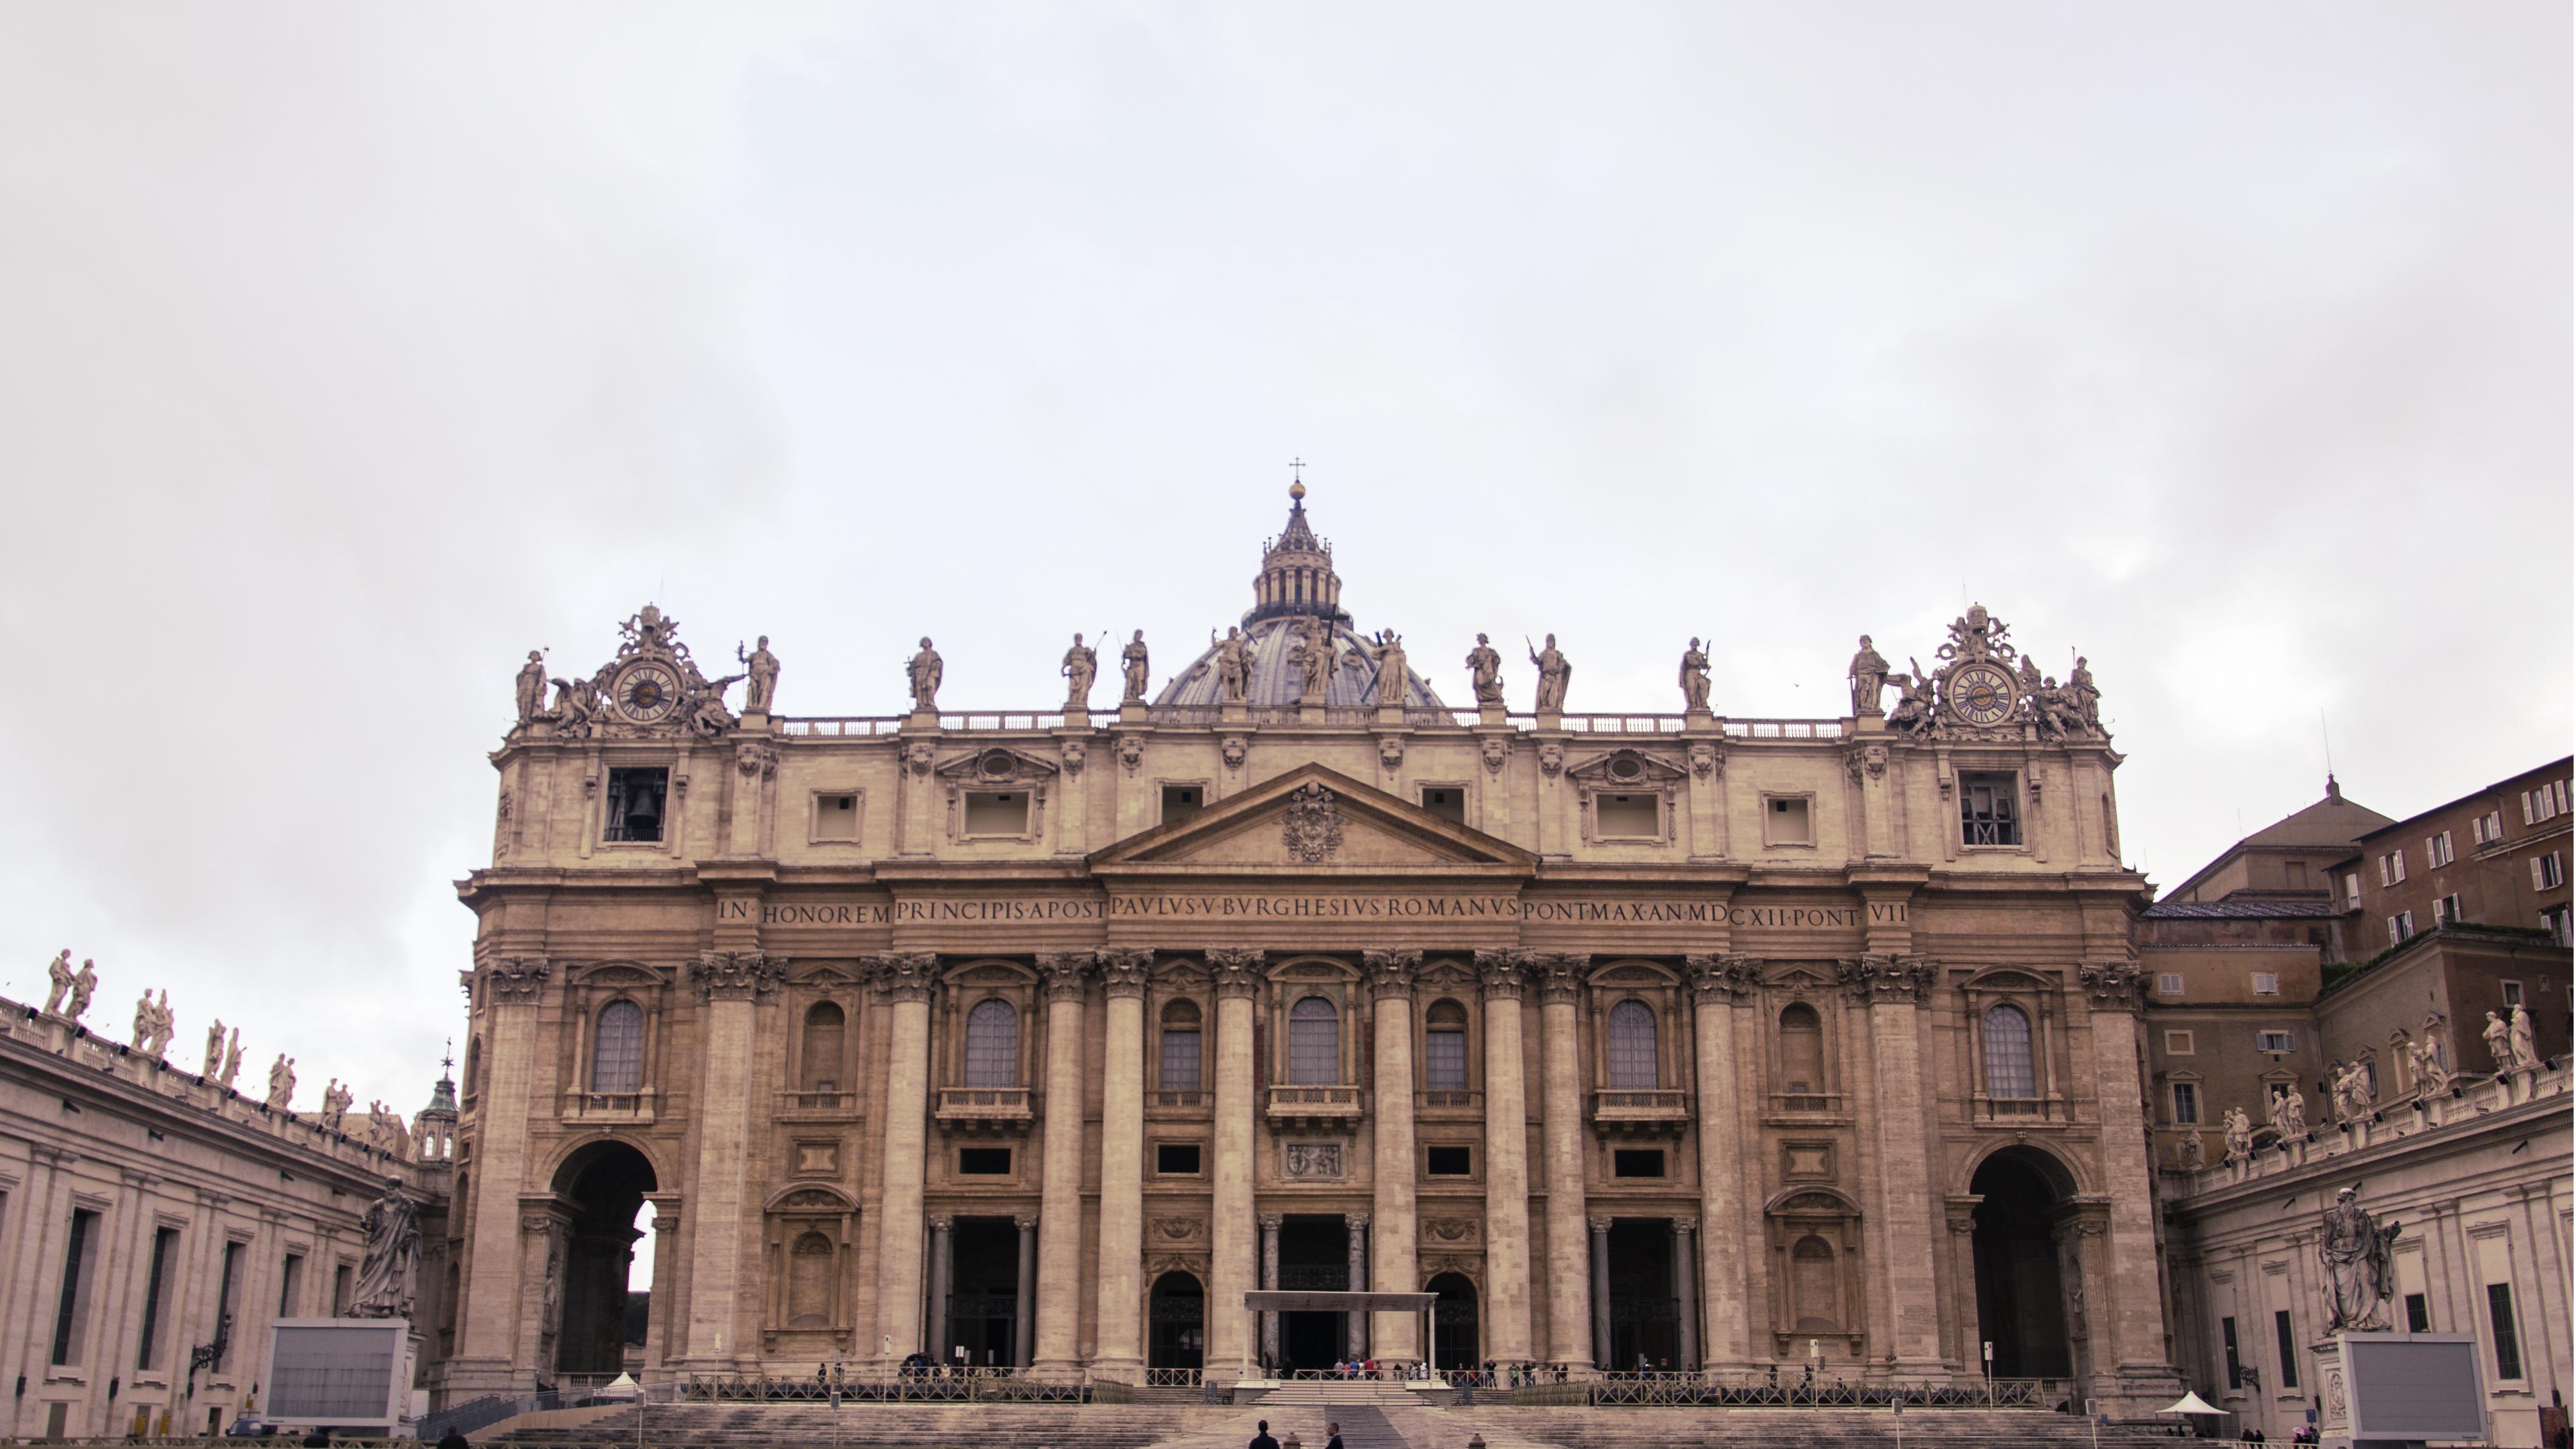 Banco de imagens : arquitetura, construção, Palácio, Marco, Itália ...